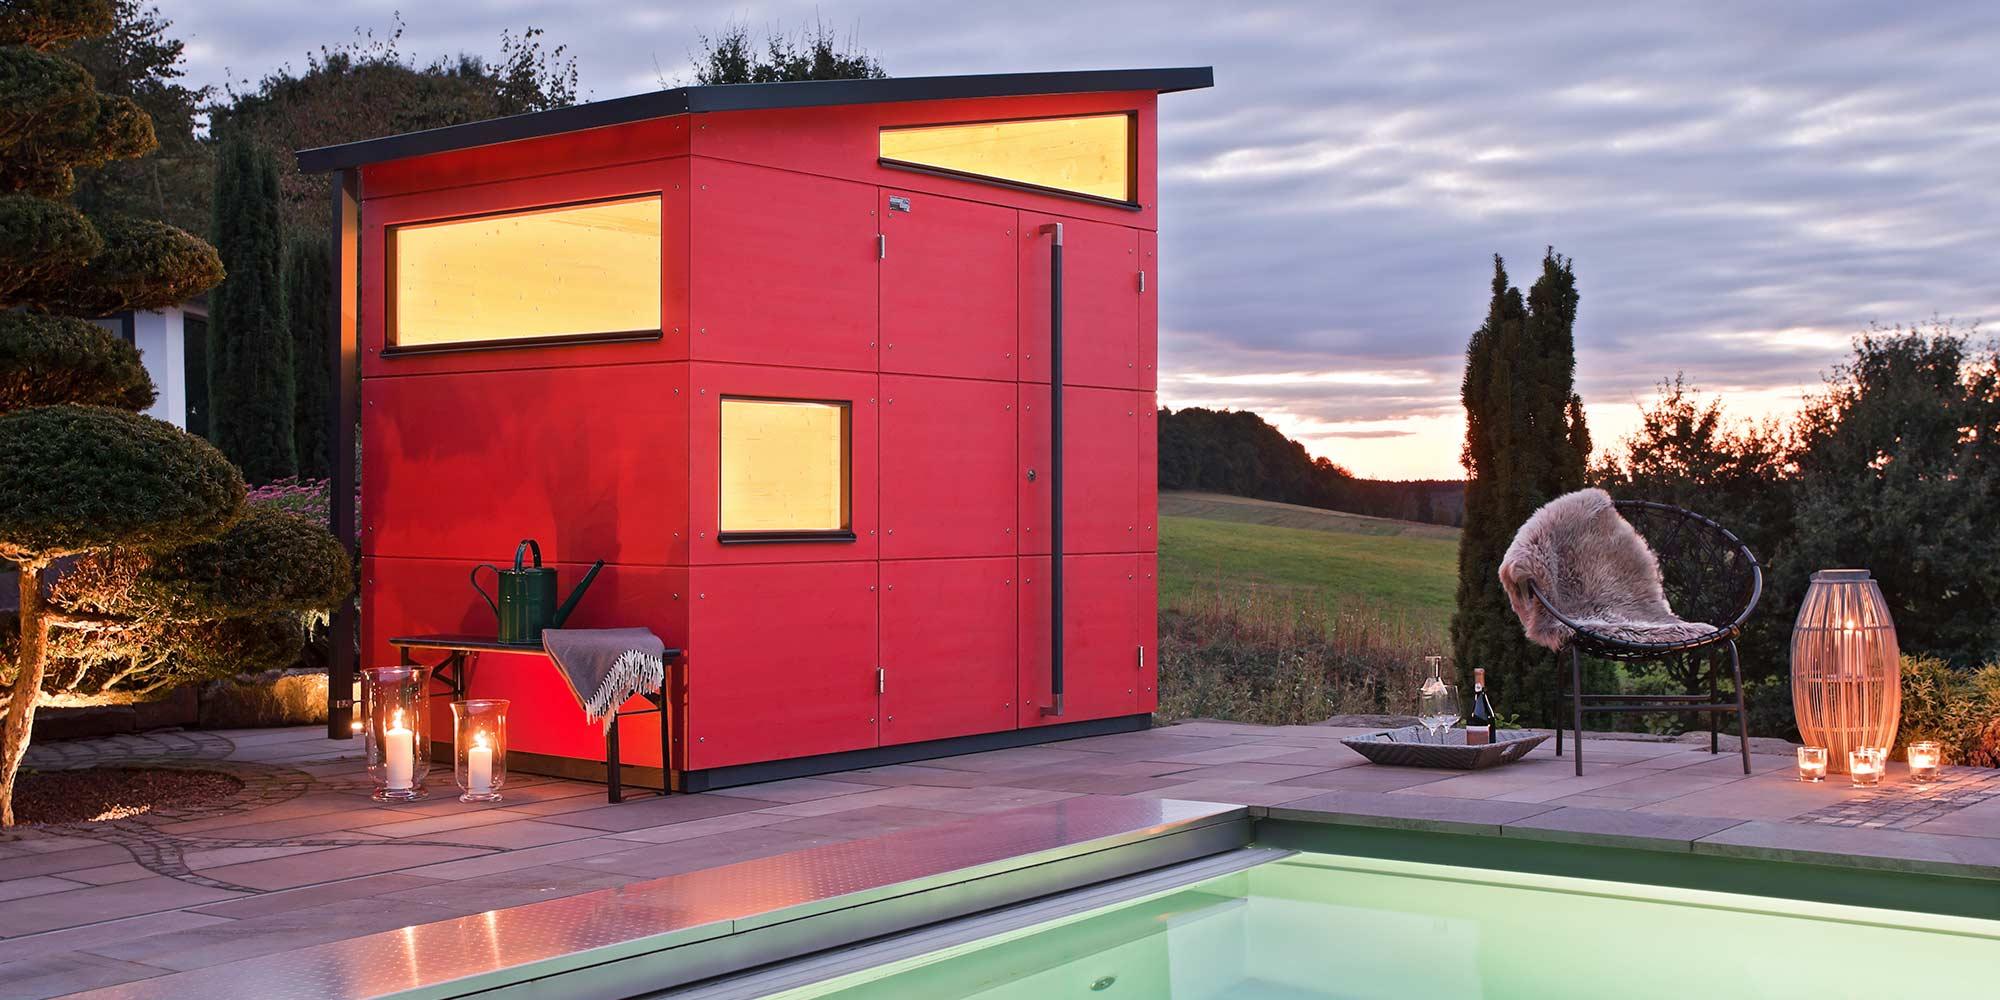 Bilder & Fotos Holz-Gartenhaus | Gartenhaus Galerie | GARTANA